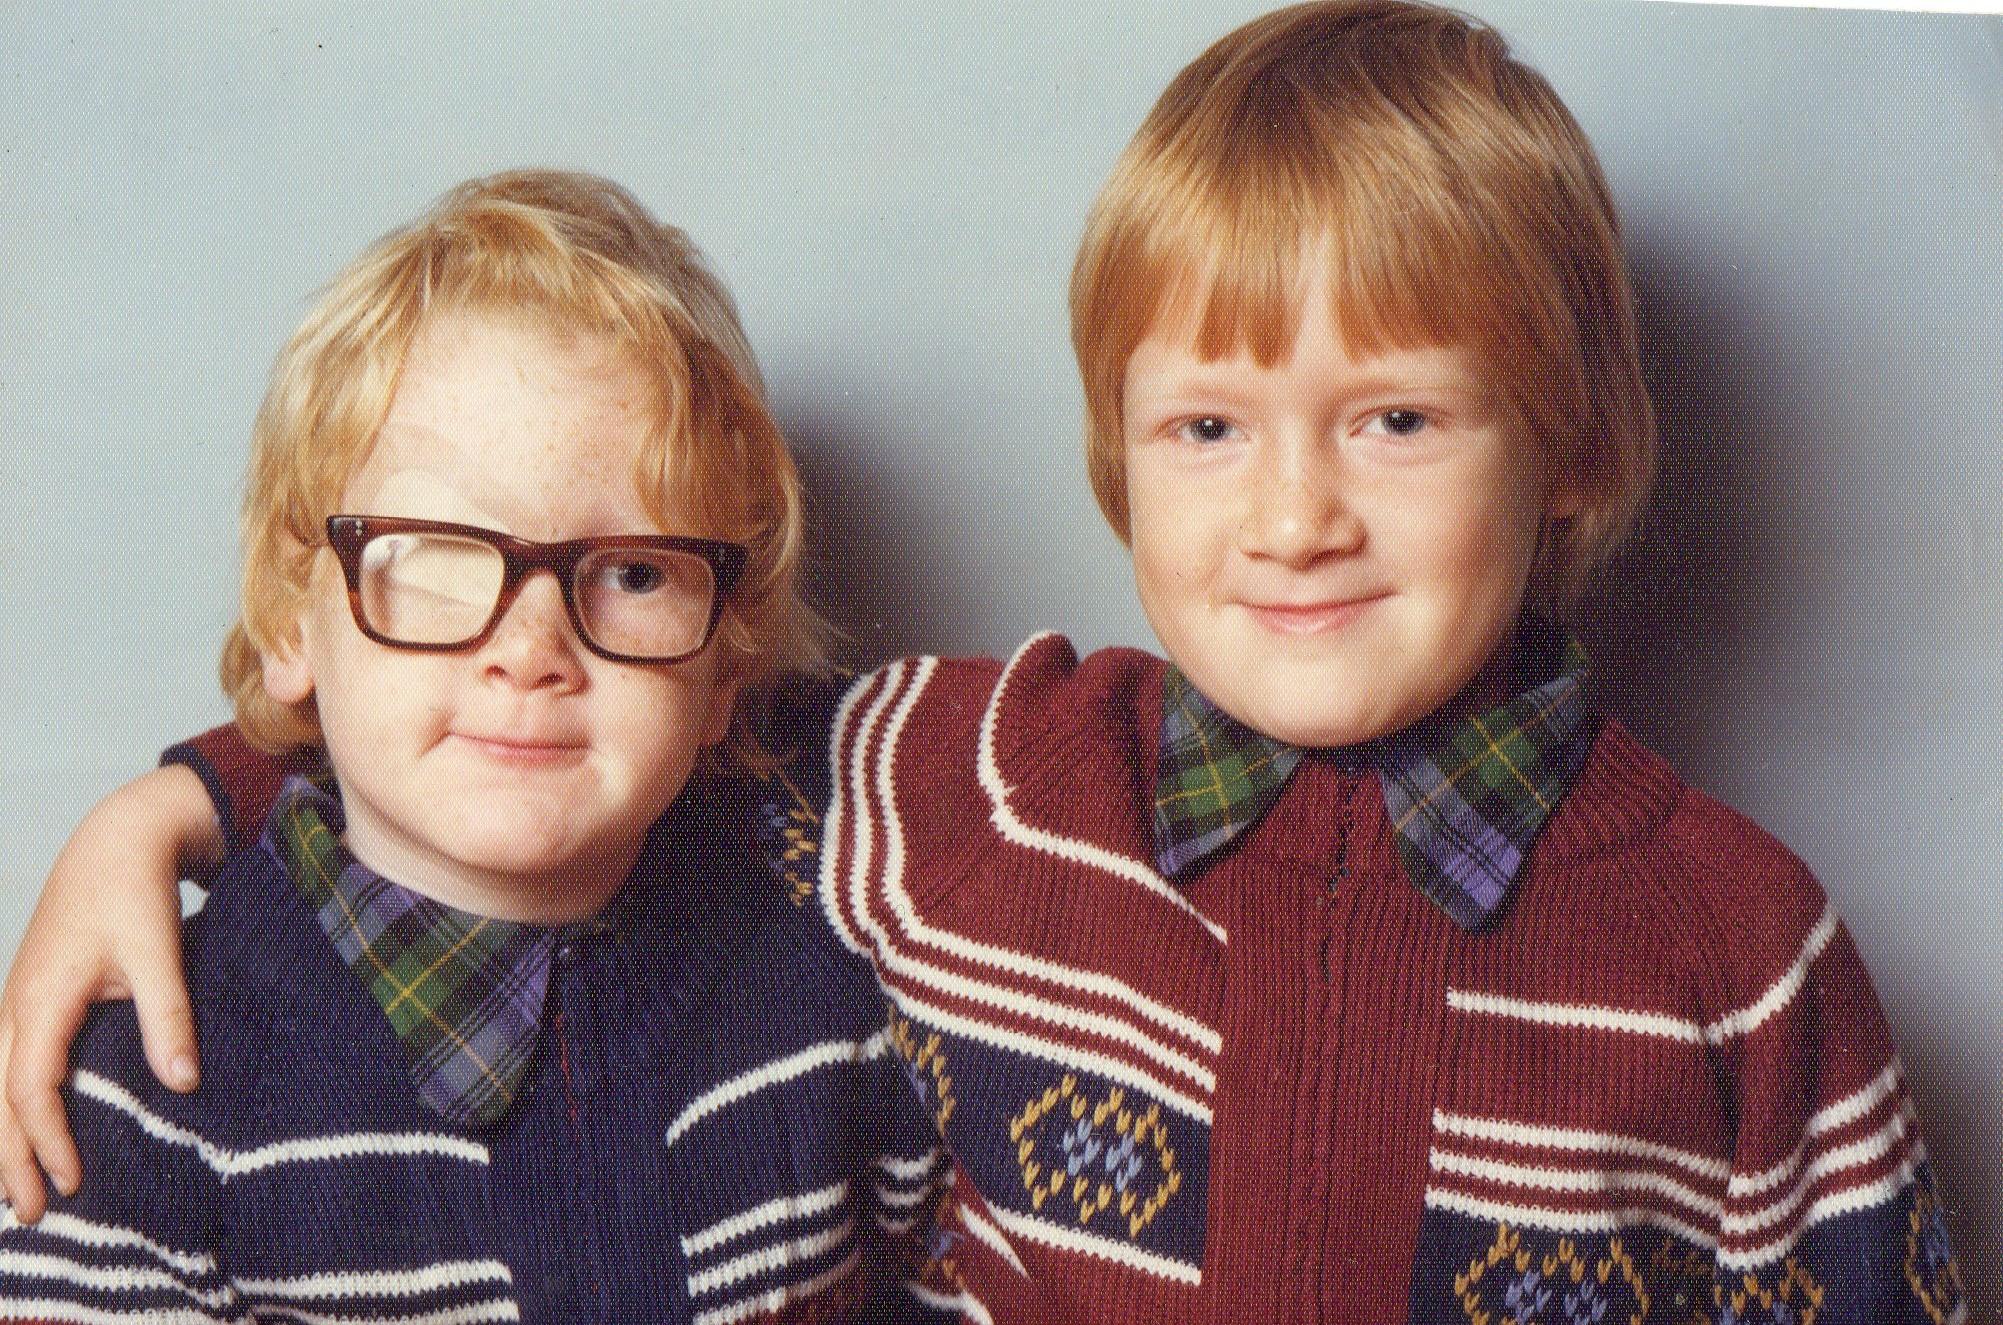 Jamie and Scott